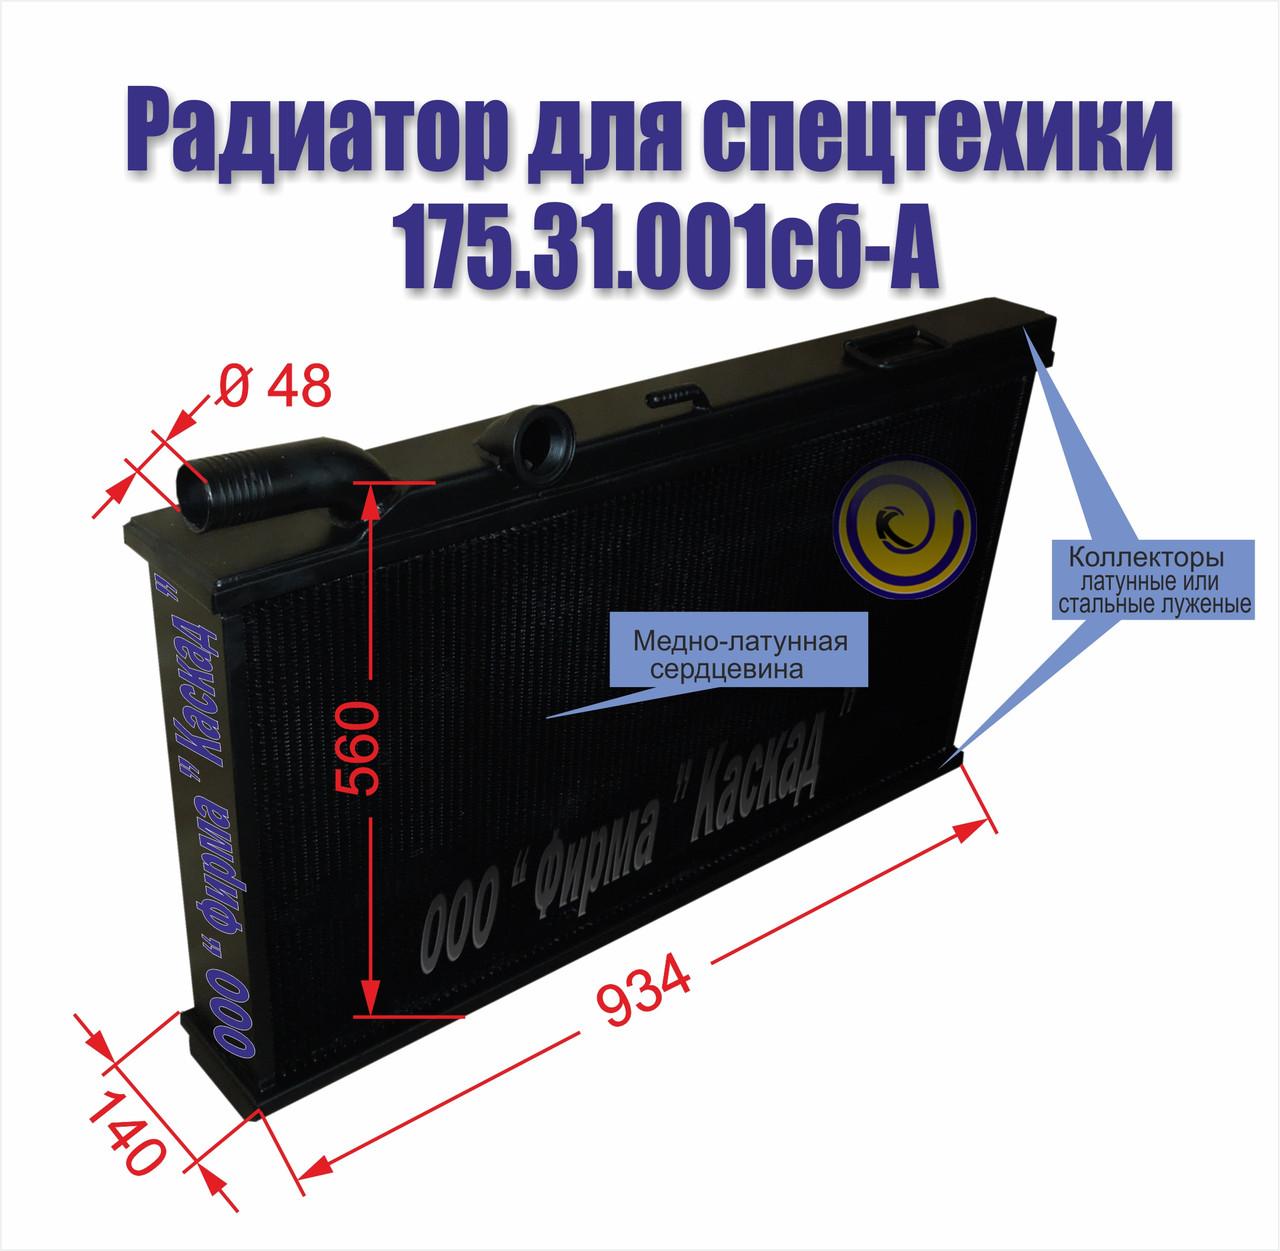 Радиатор водяной 175.31.001сб-А